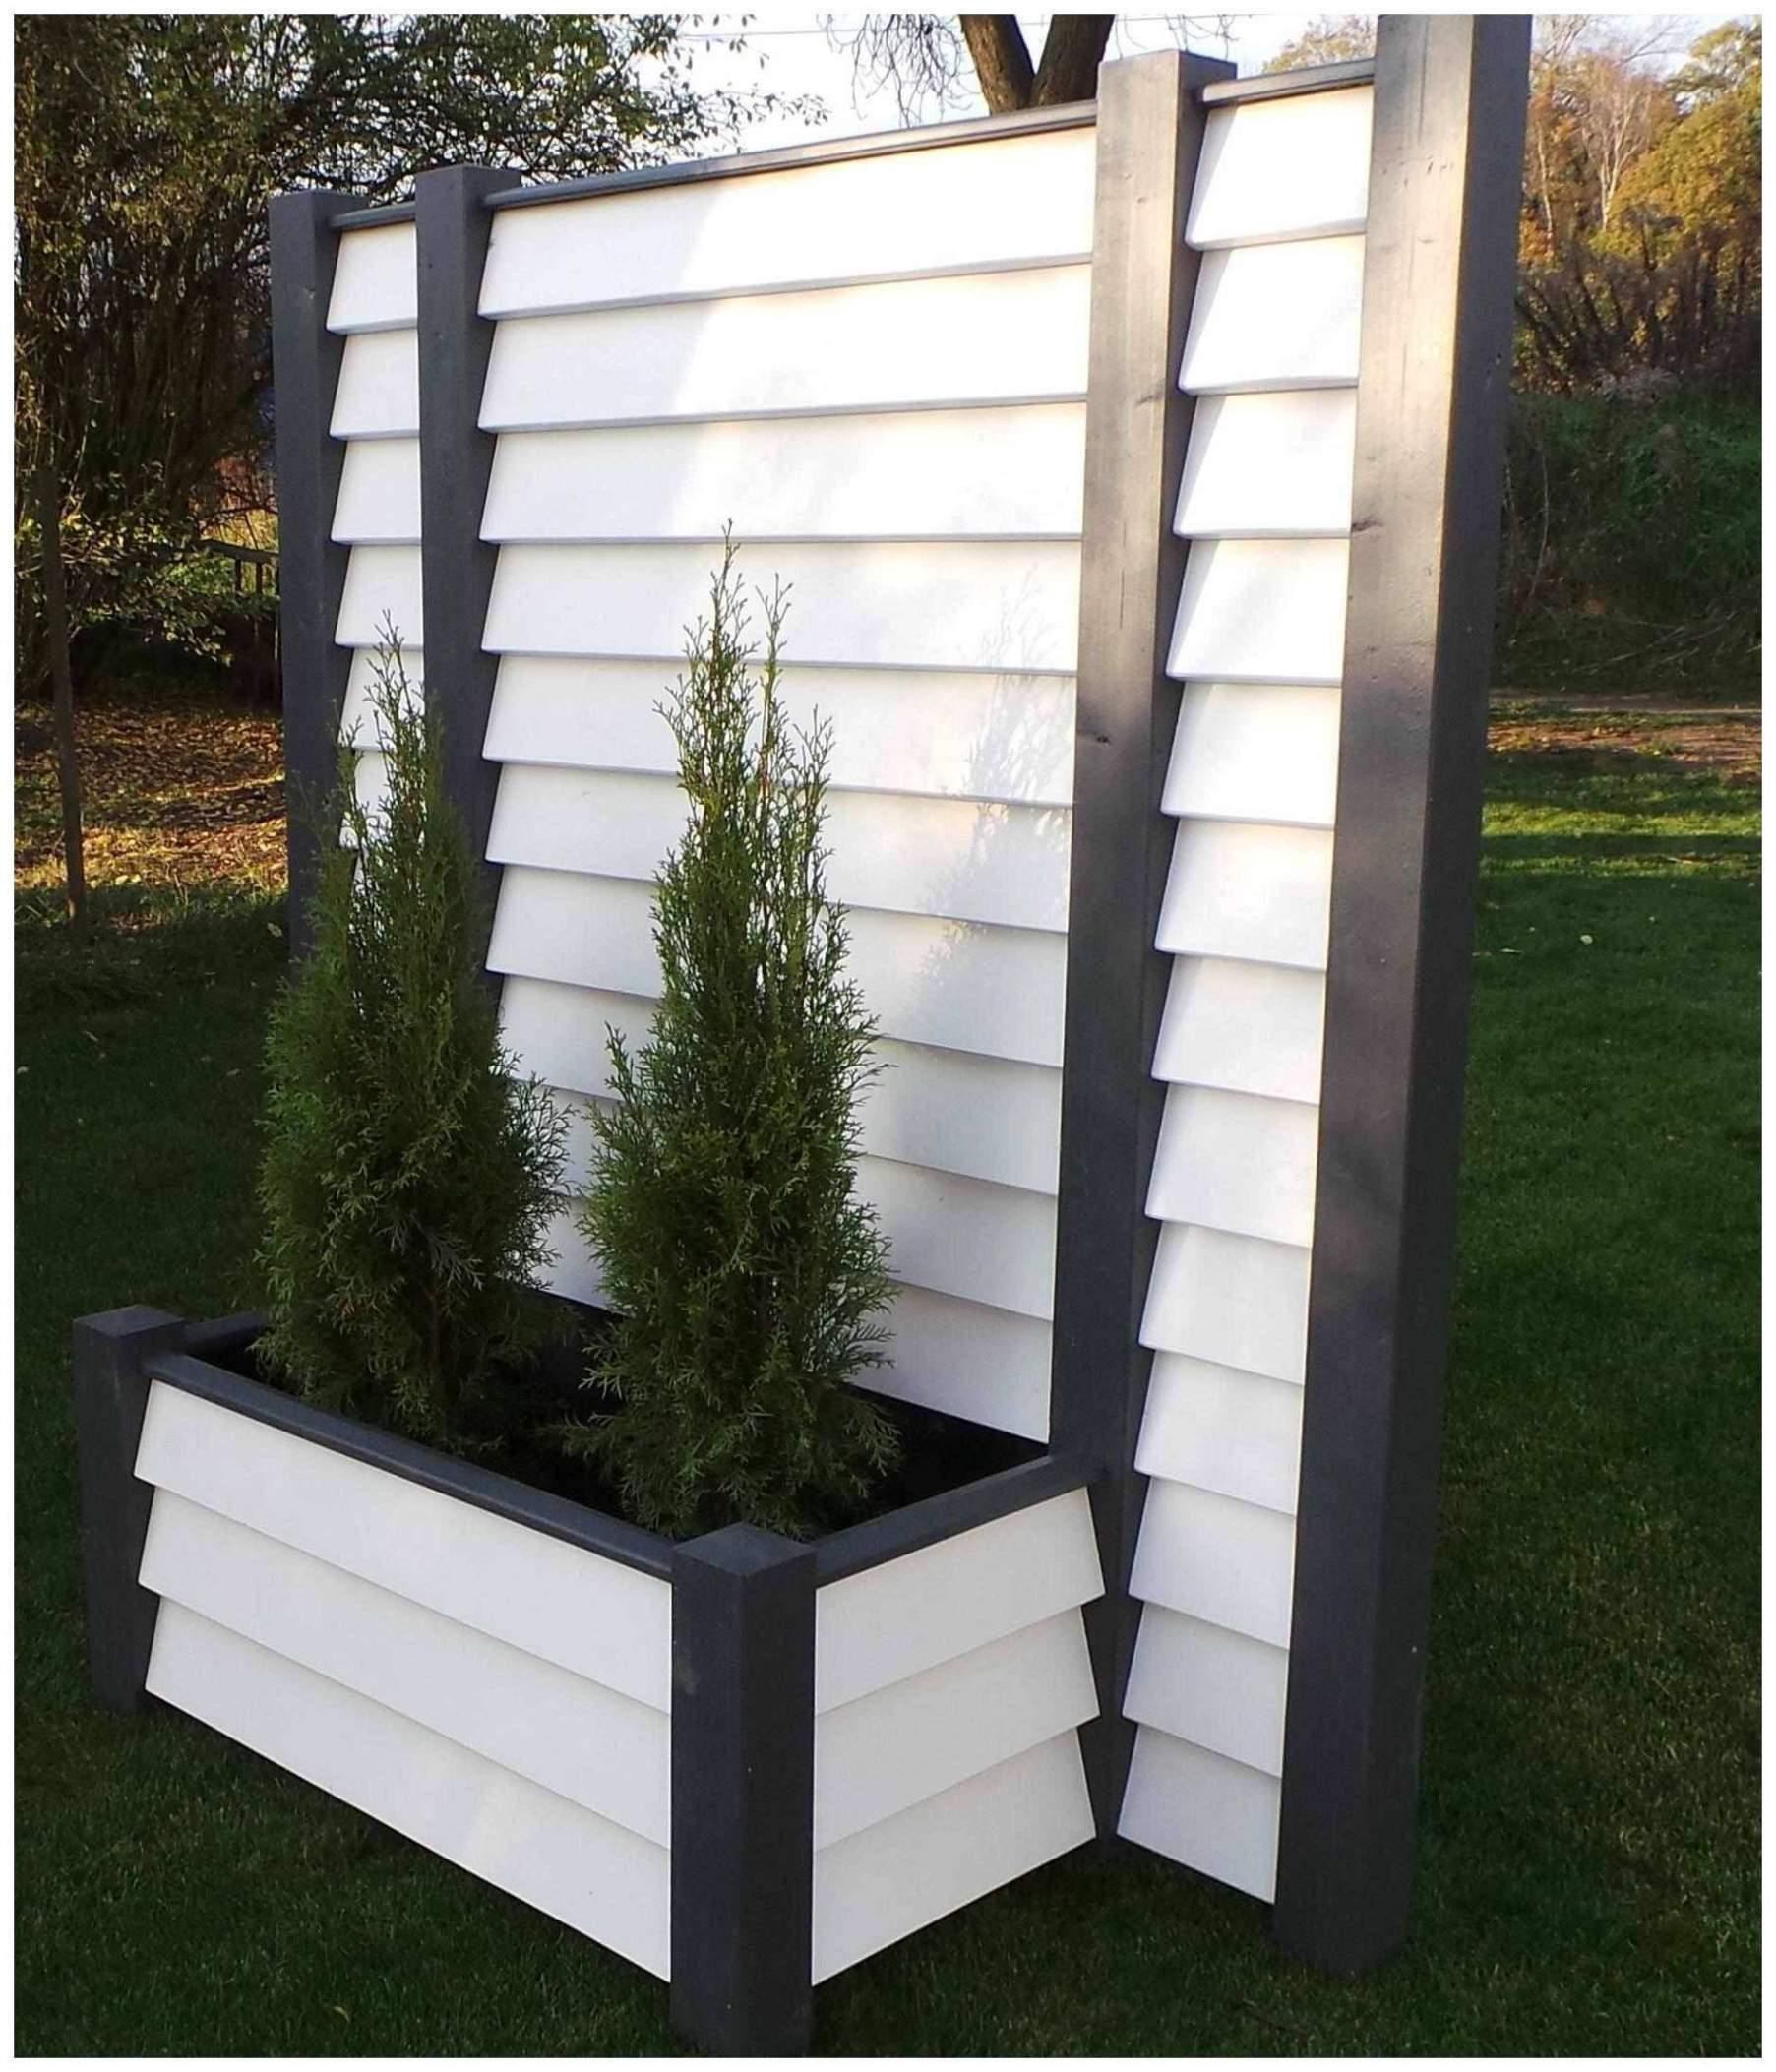 schoner garten ideen elegant pflanzen als sichtschutz im kubel temobardz home blog of schoner garten ideen